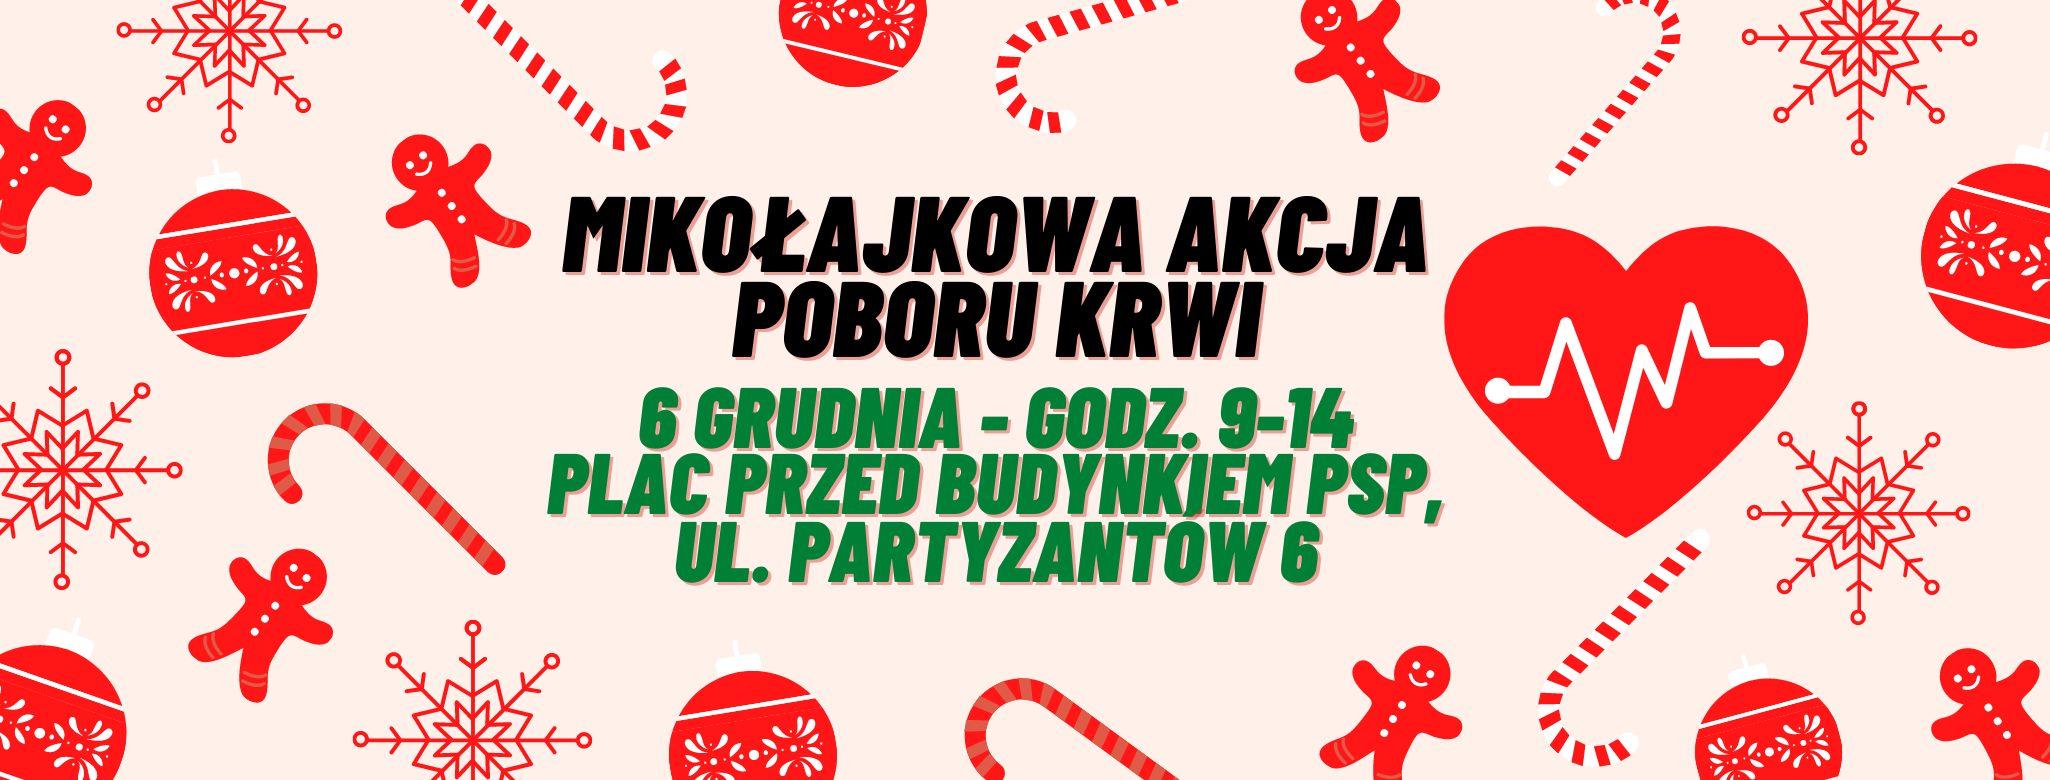 ŁUKÓW W Mikołajki możesz oddać krew! - Zdjęcie główne